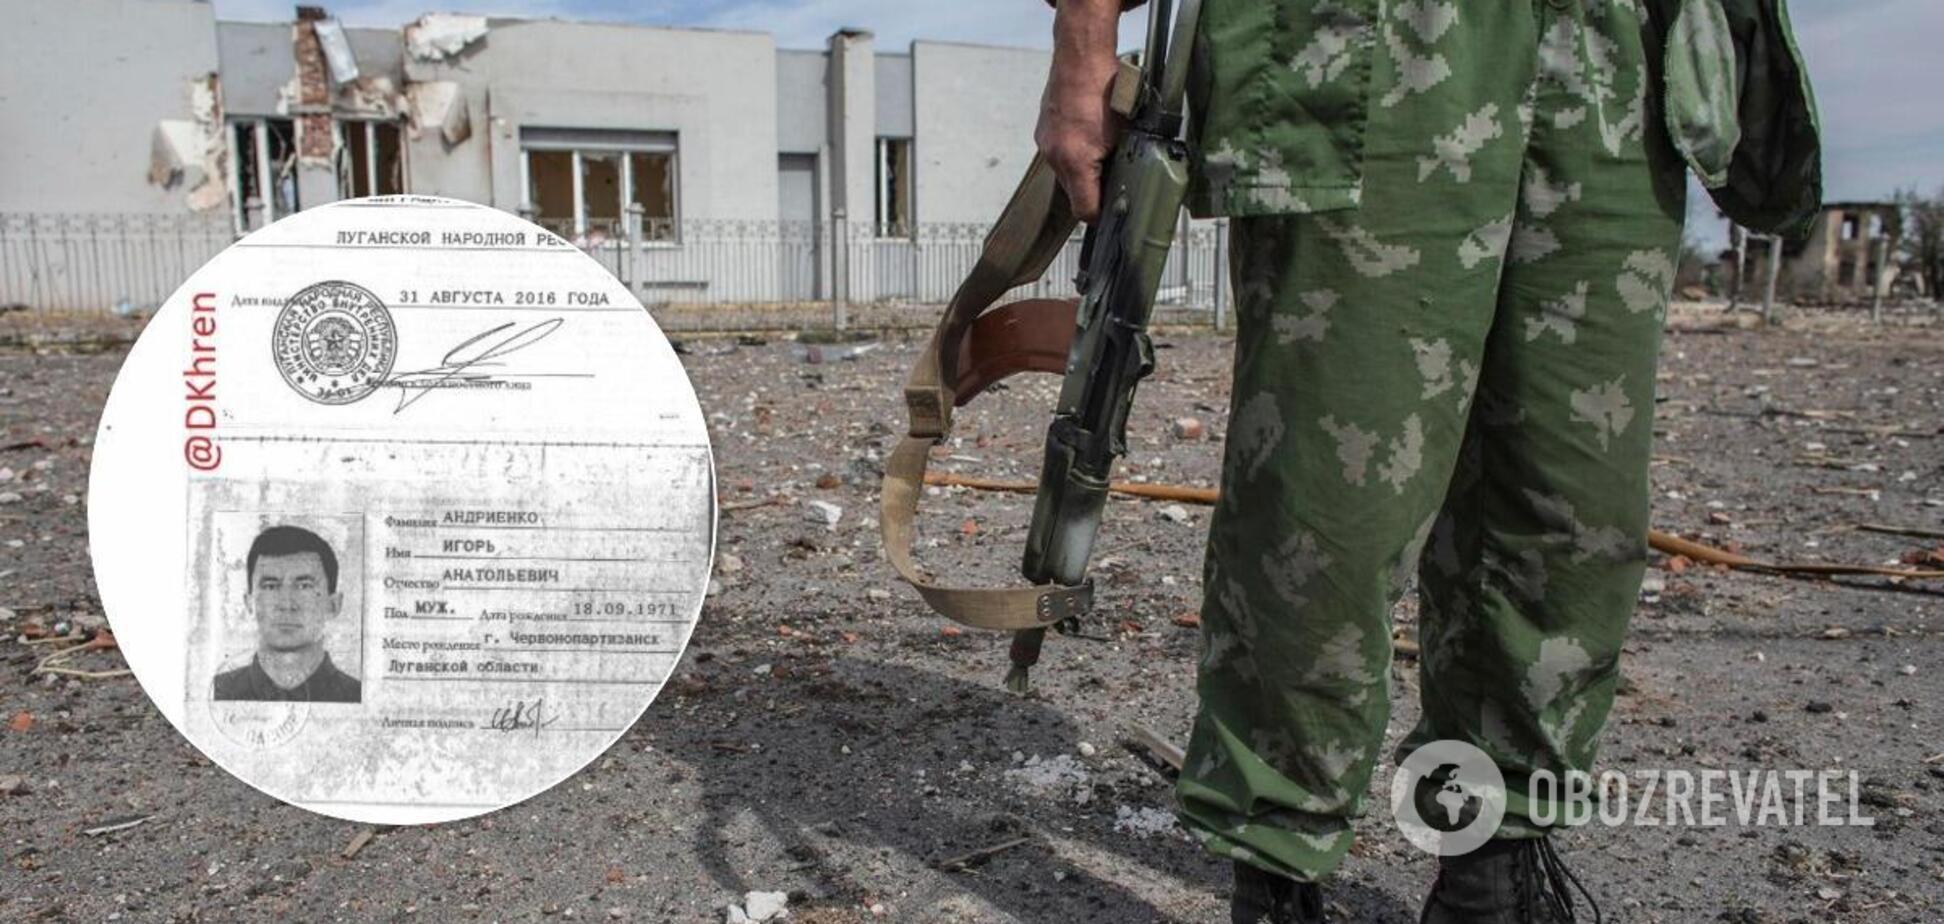 У мережі показали особисті дані терориста 'ЛНР'